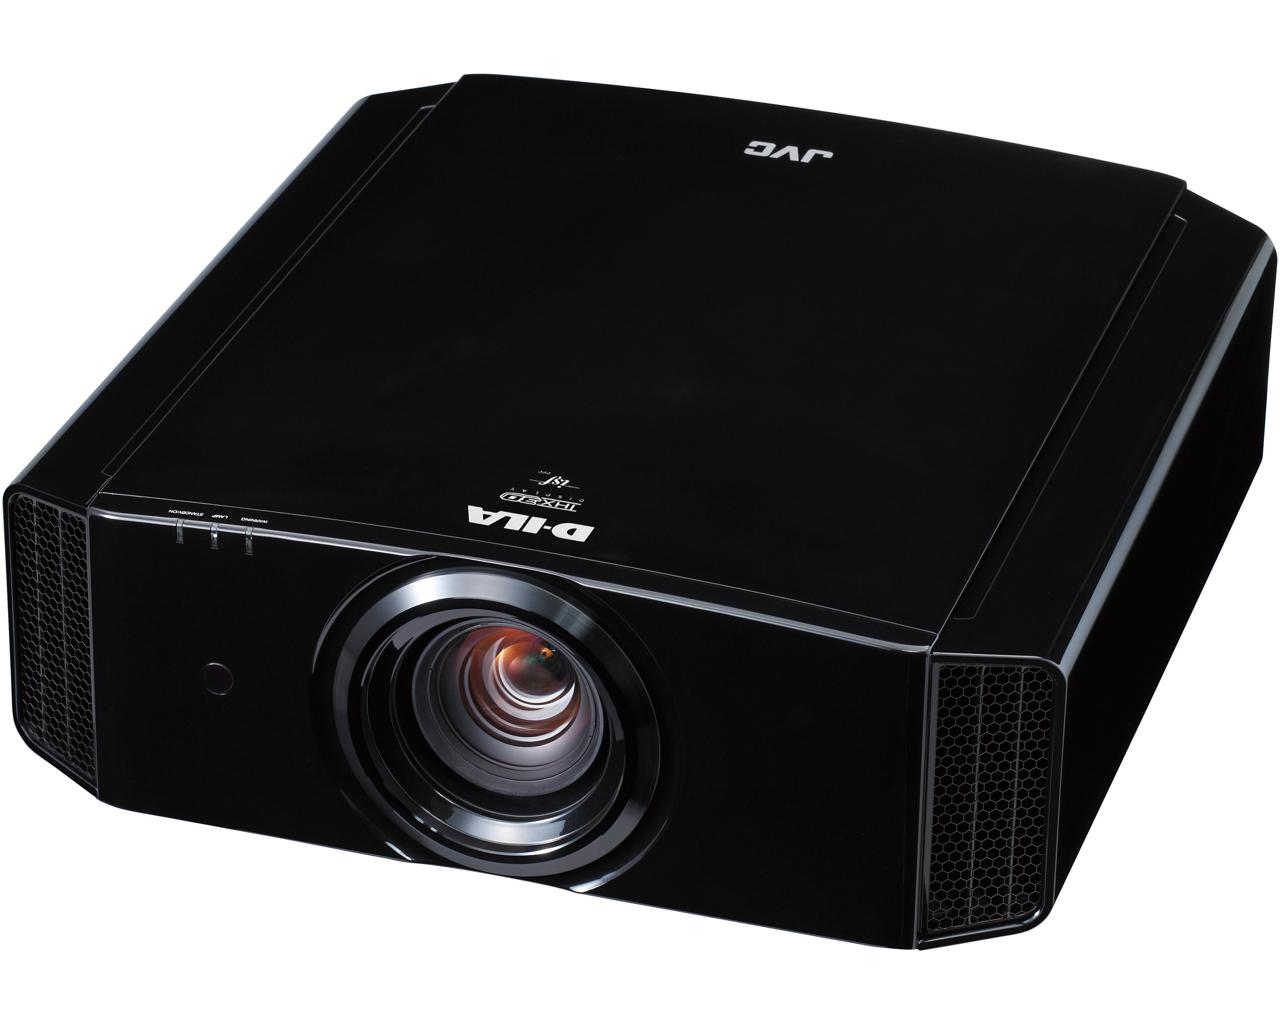 JVC DLA-X7900